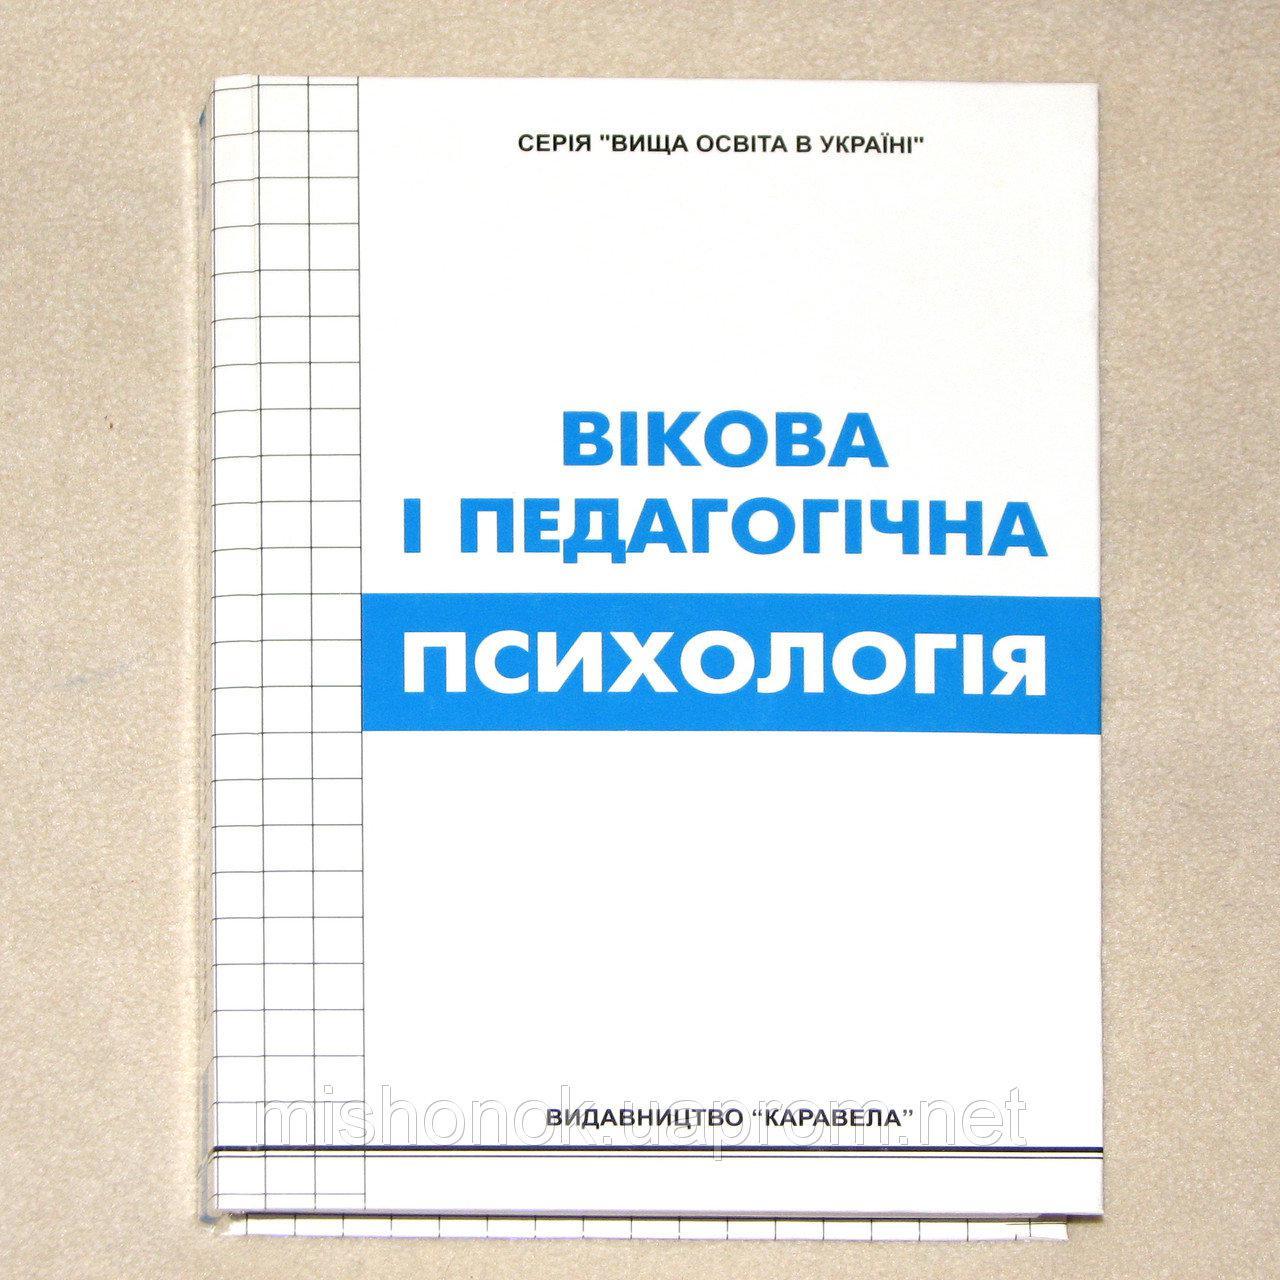 """О. Скрипченко """"Вікова та педагогічна психологія"""" (твердый переплет)"""